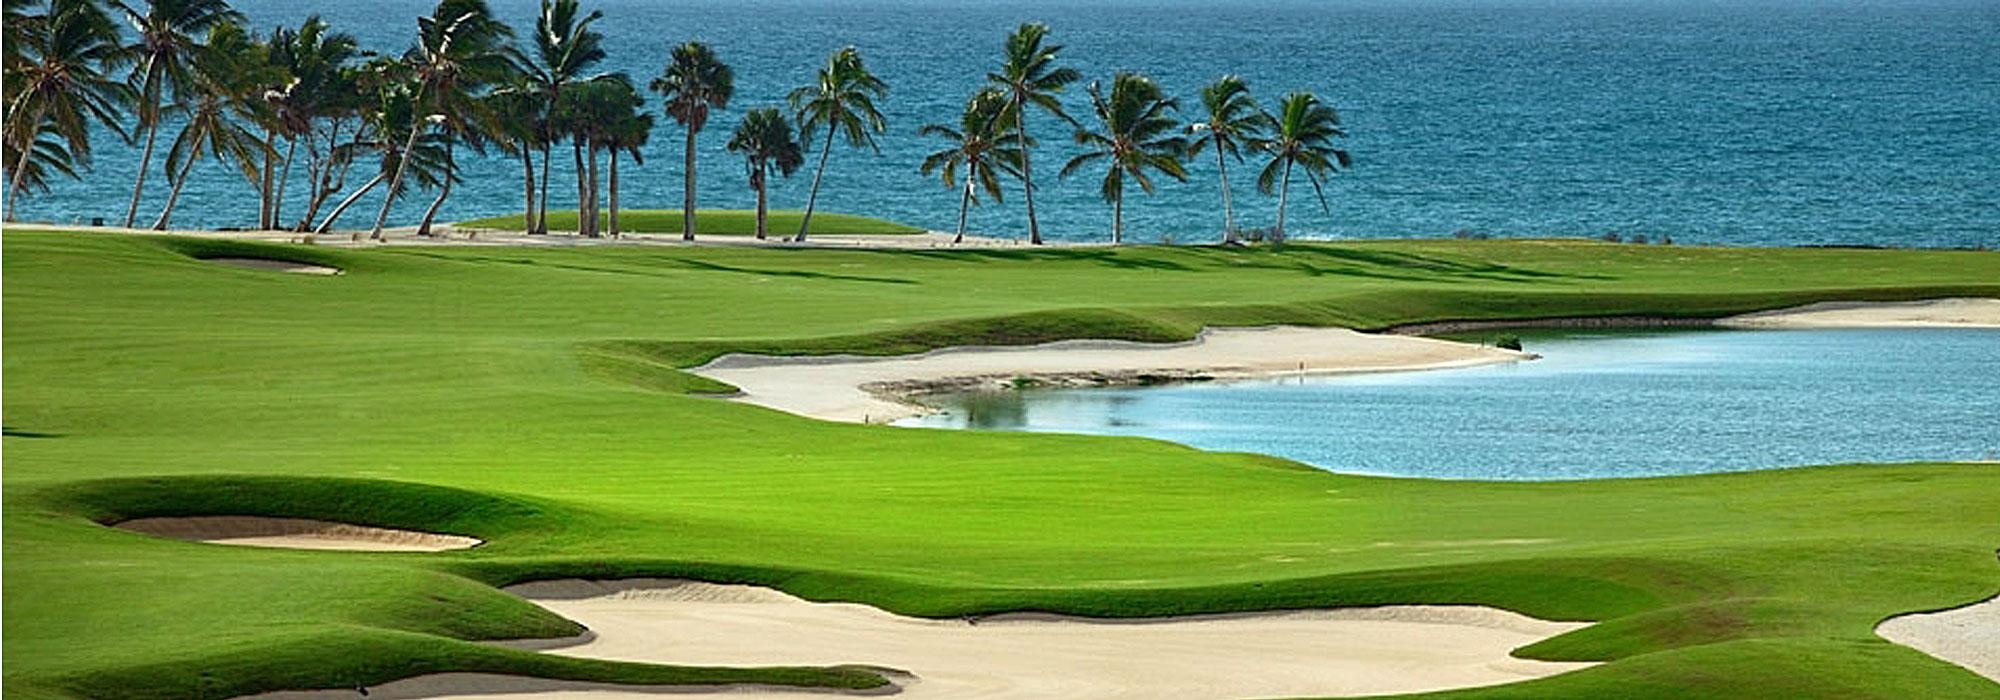 PC-Golf_2000x700w